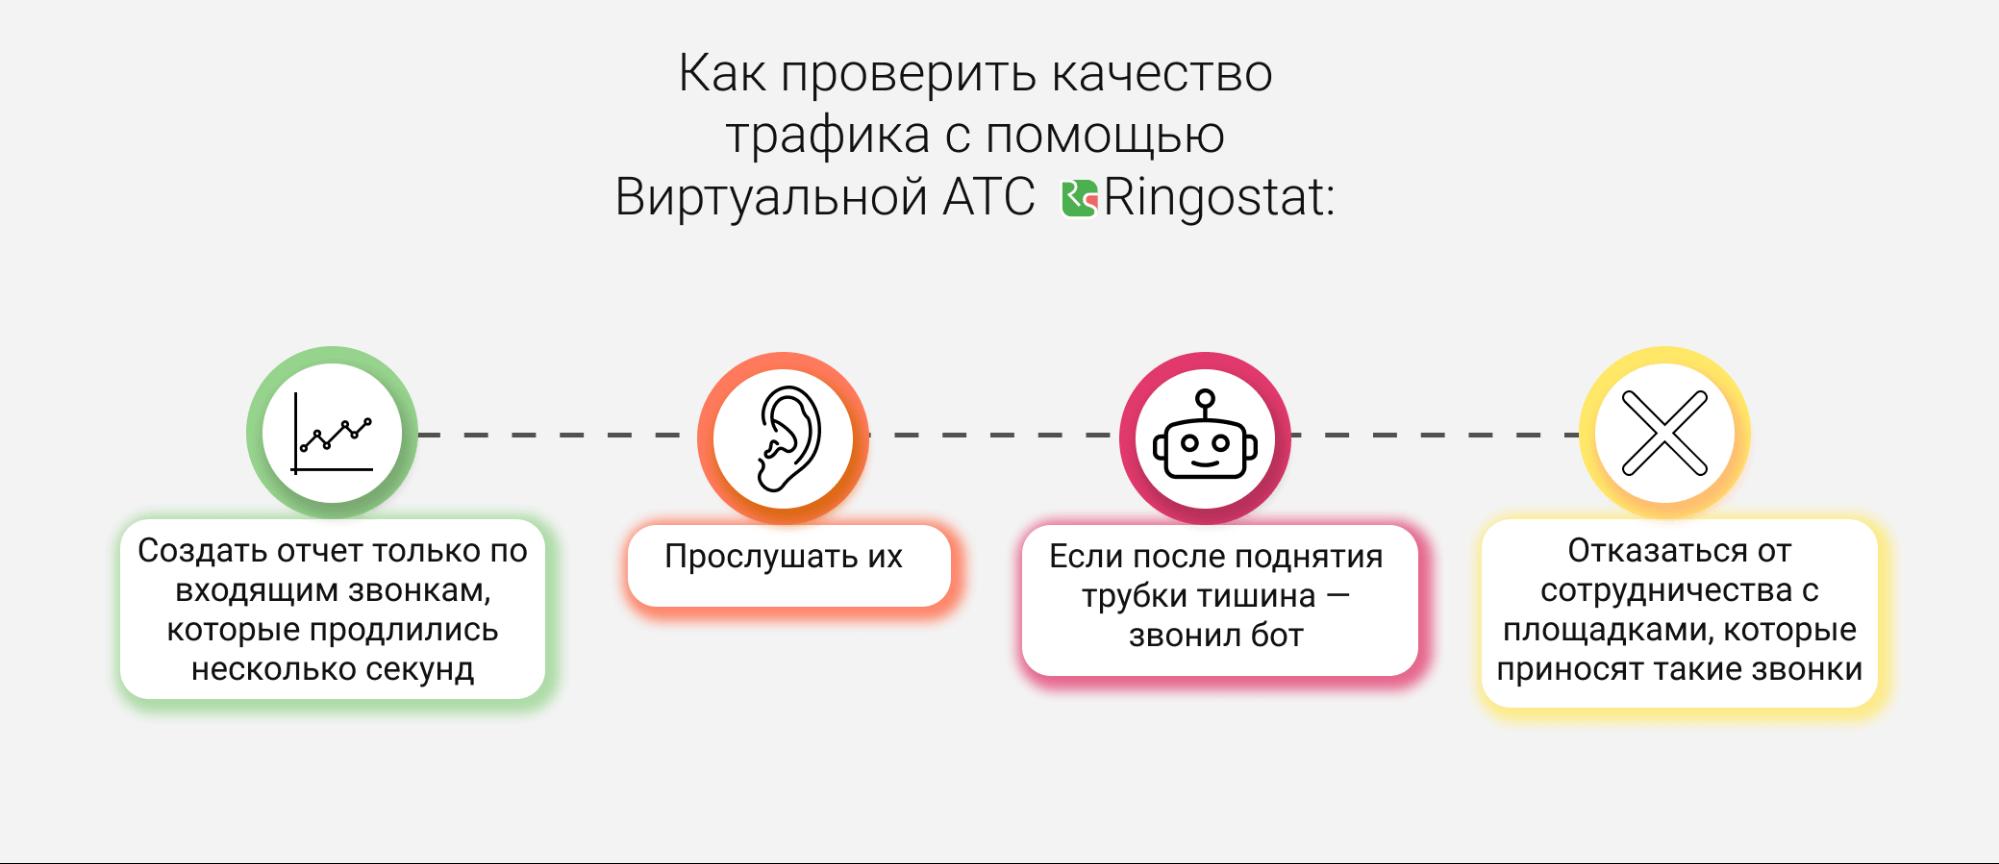 Виртуальная АТС — Аудиозаписи звонков для борьбы с фродом